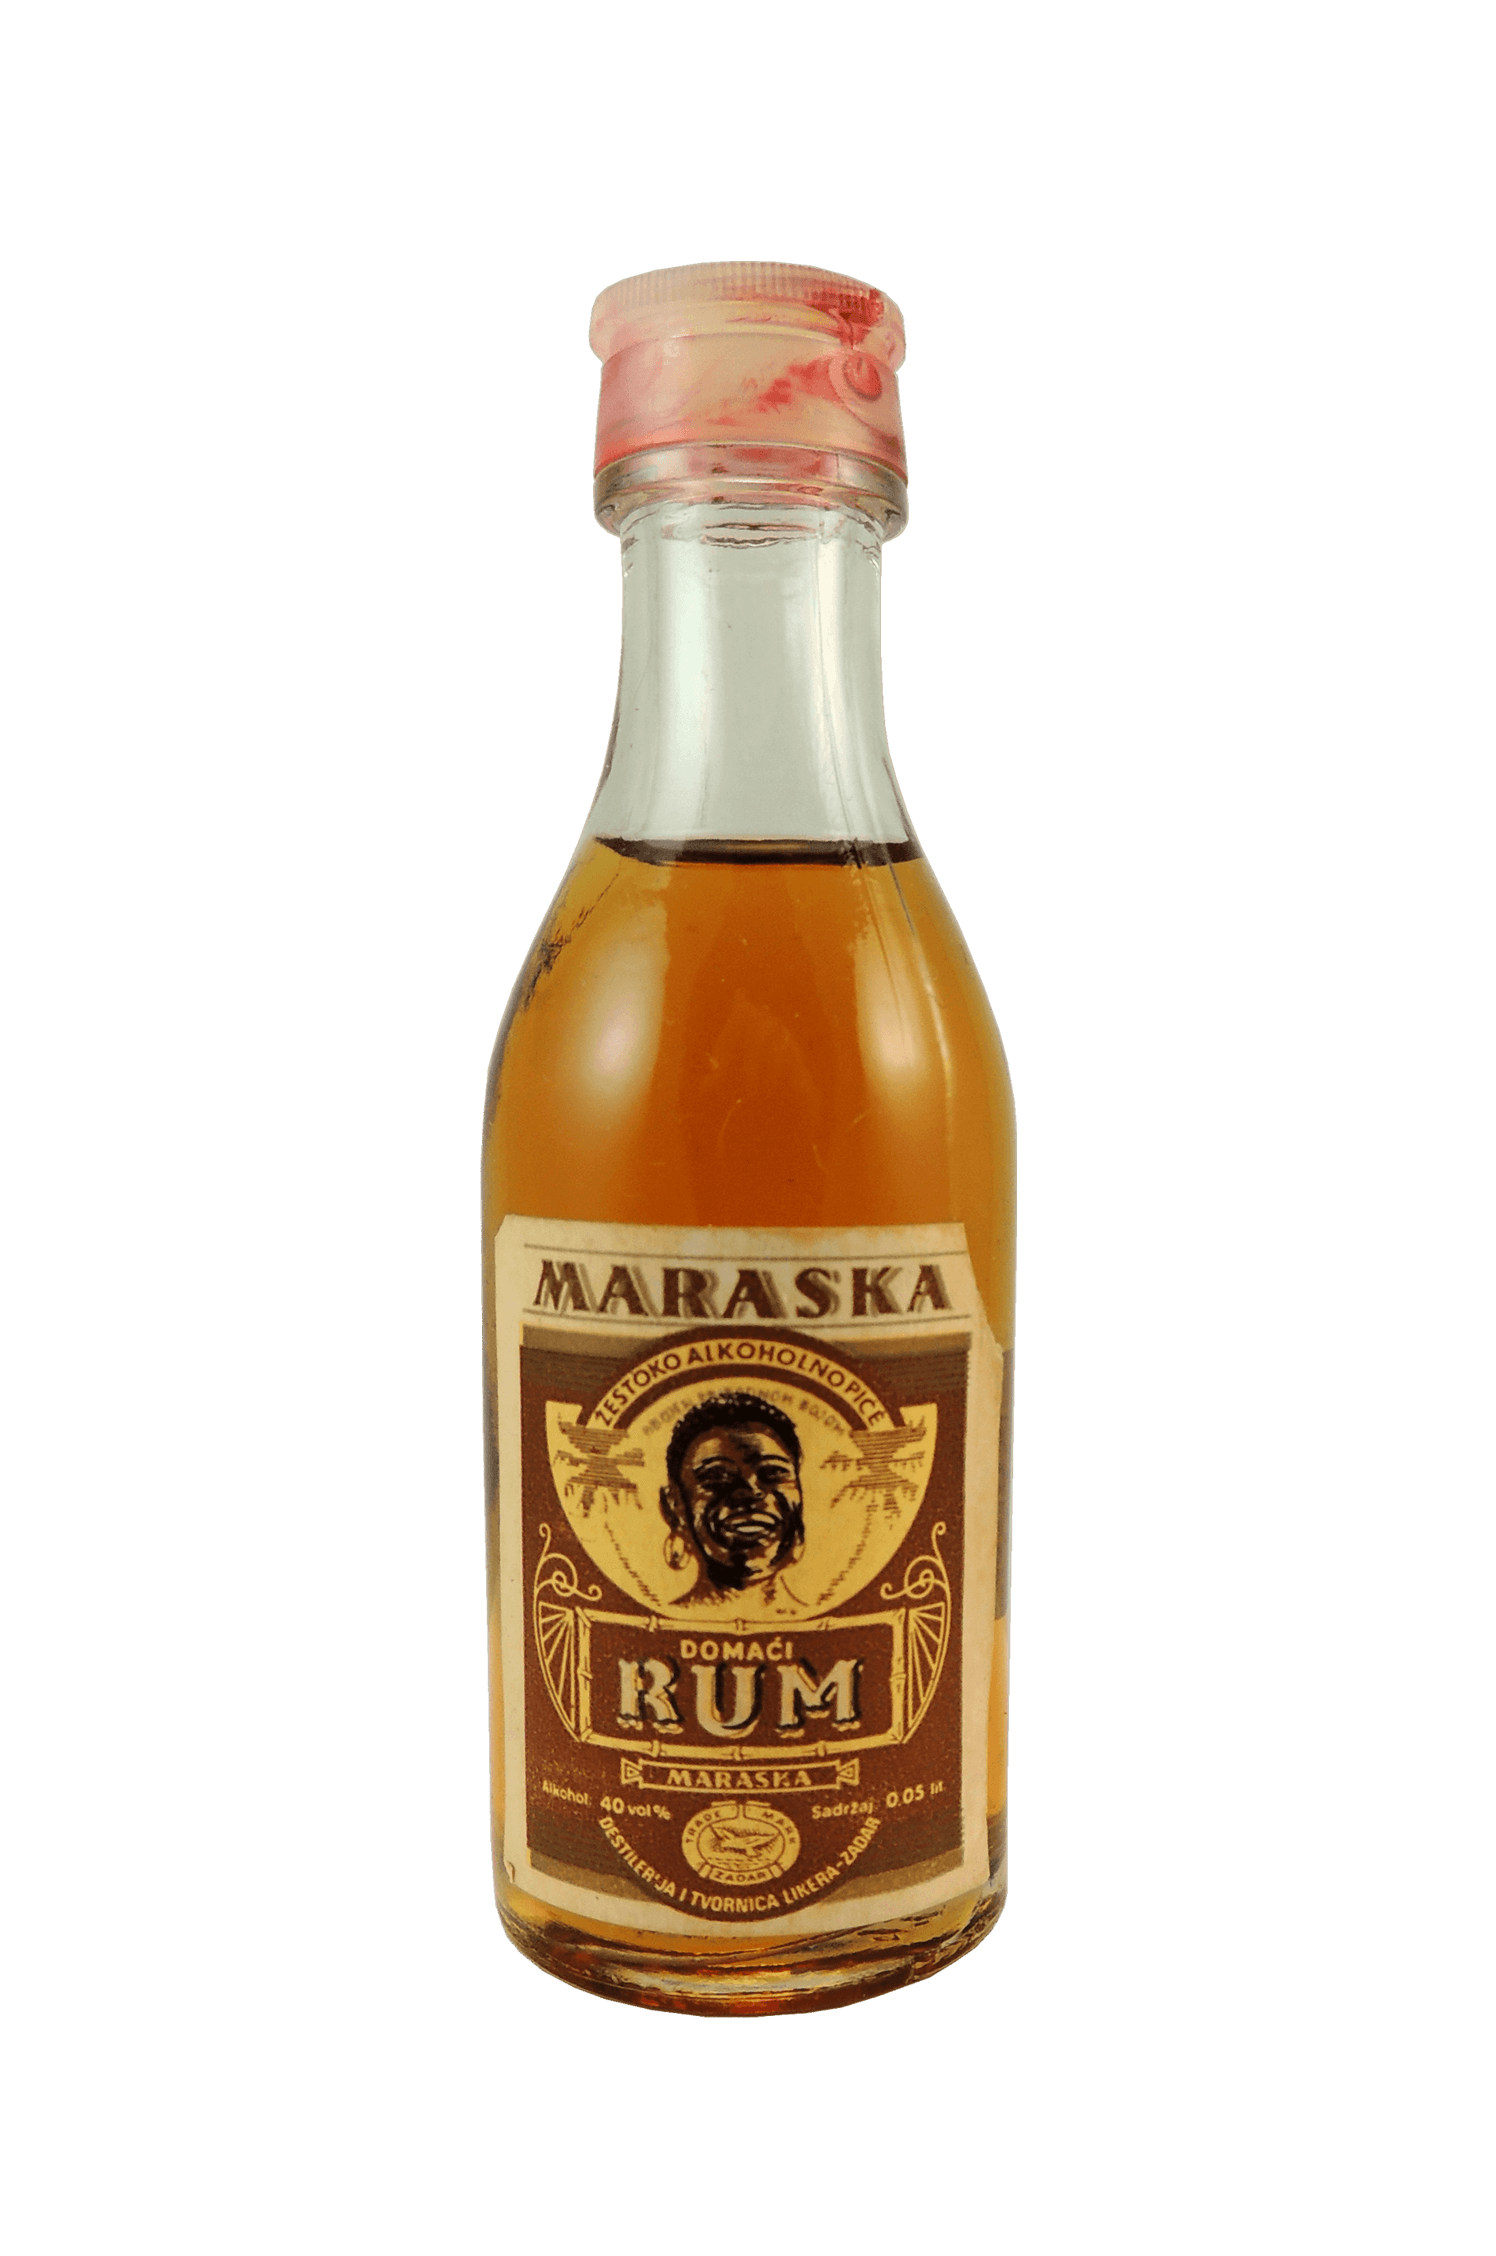 Maraska Rum